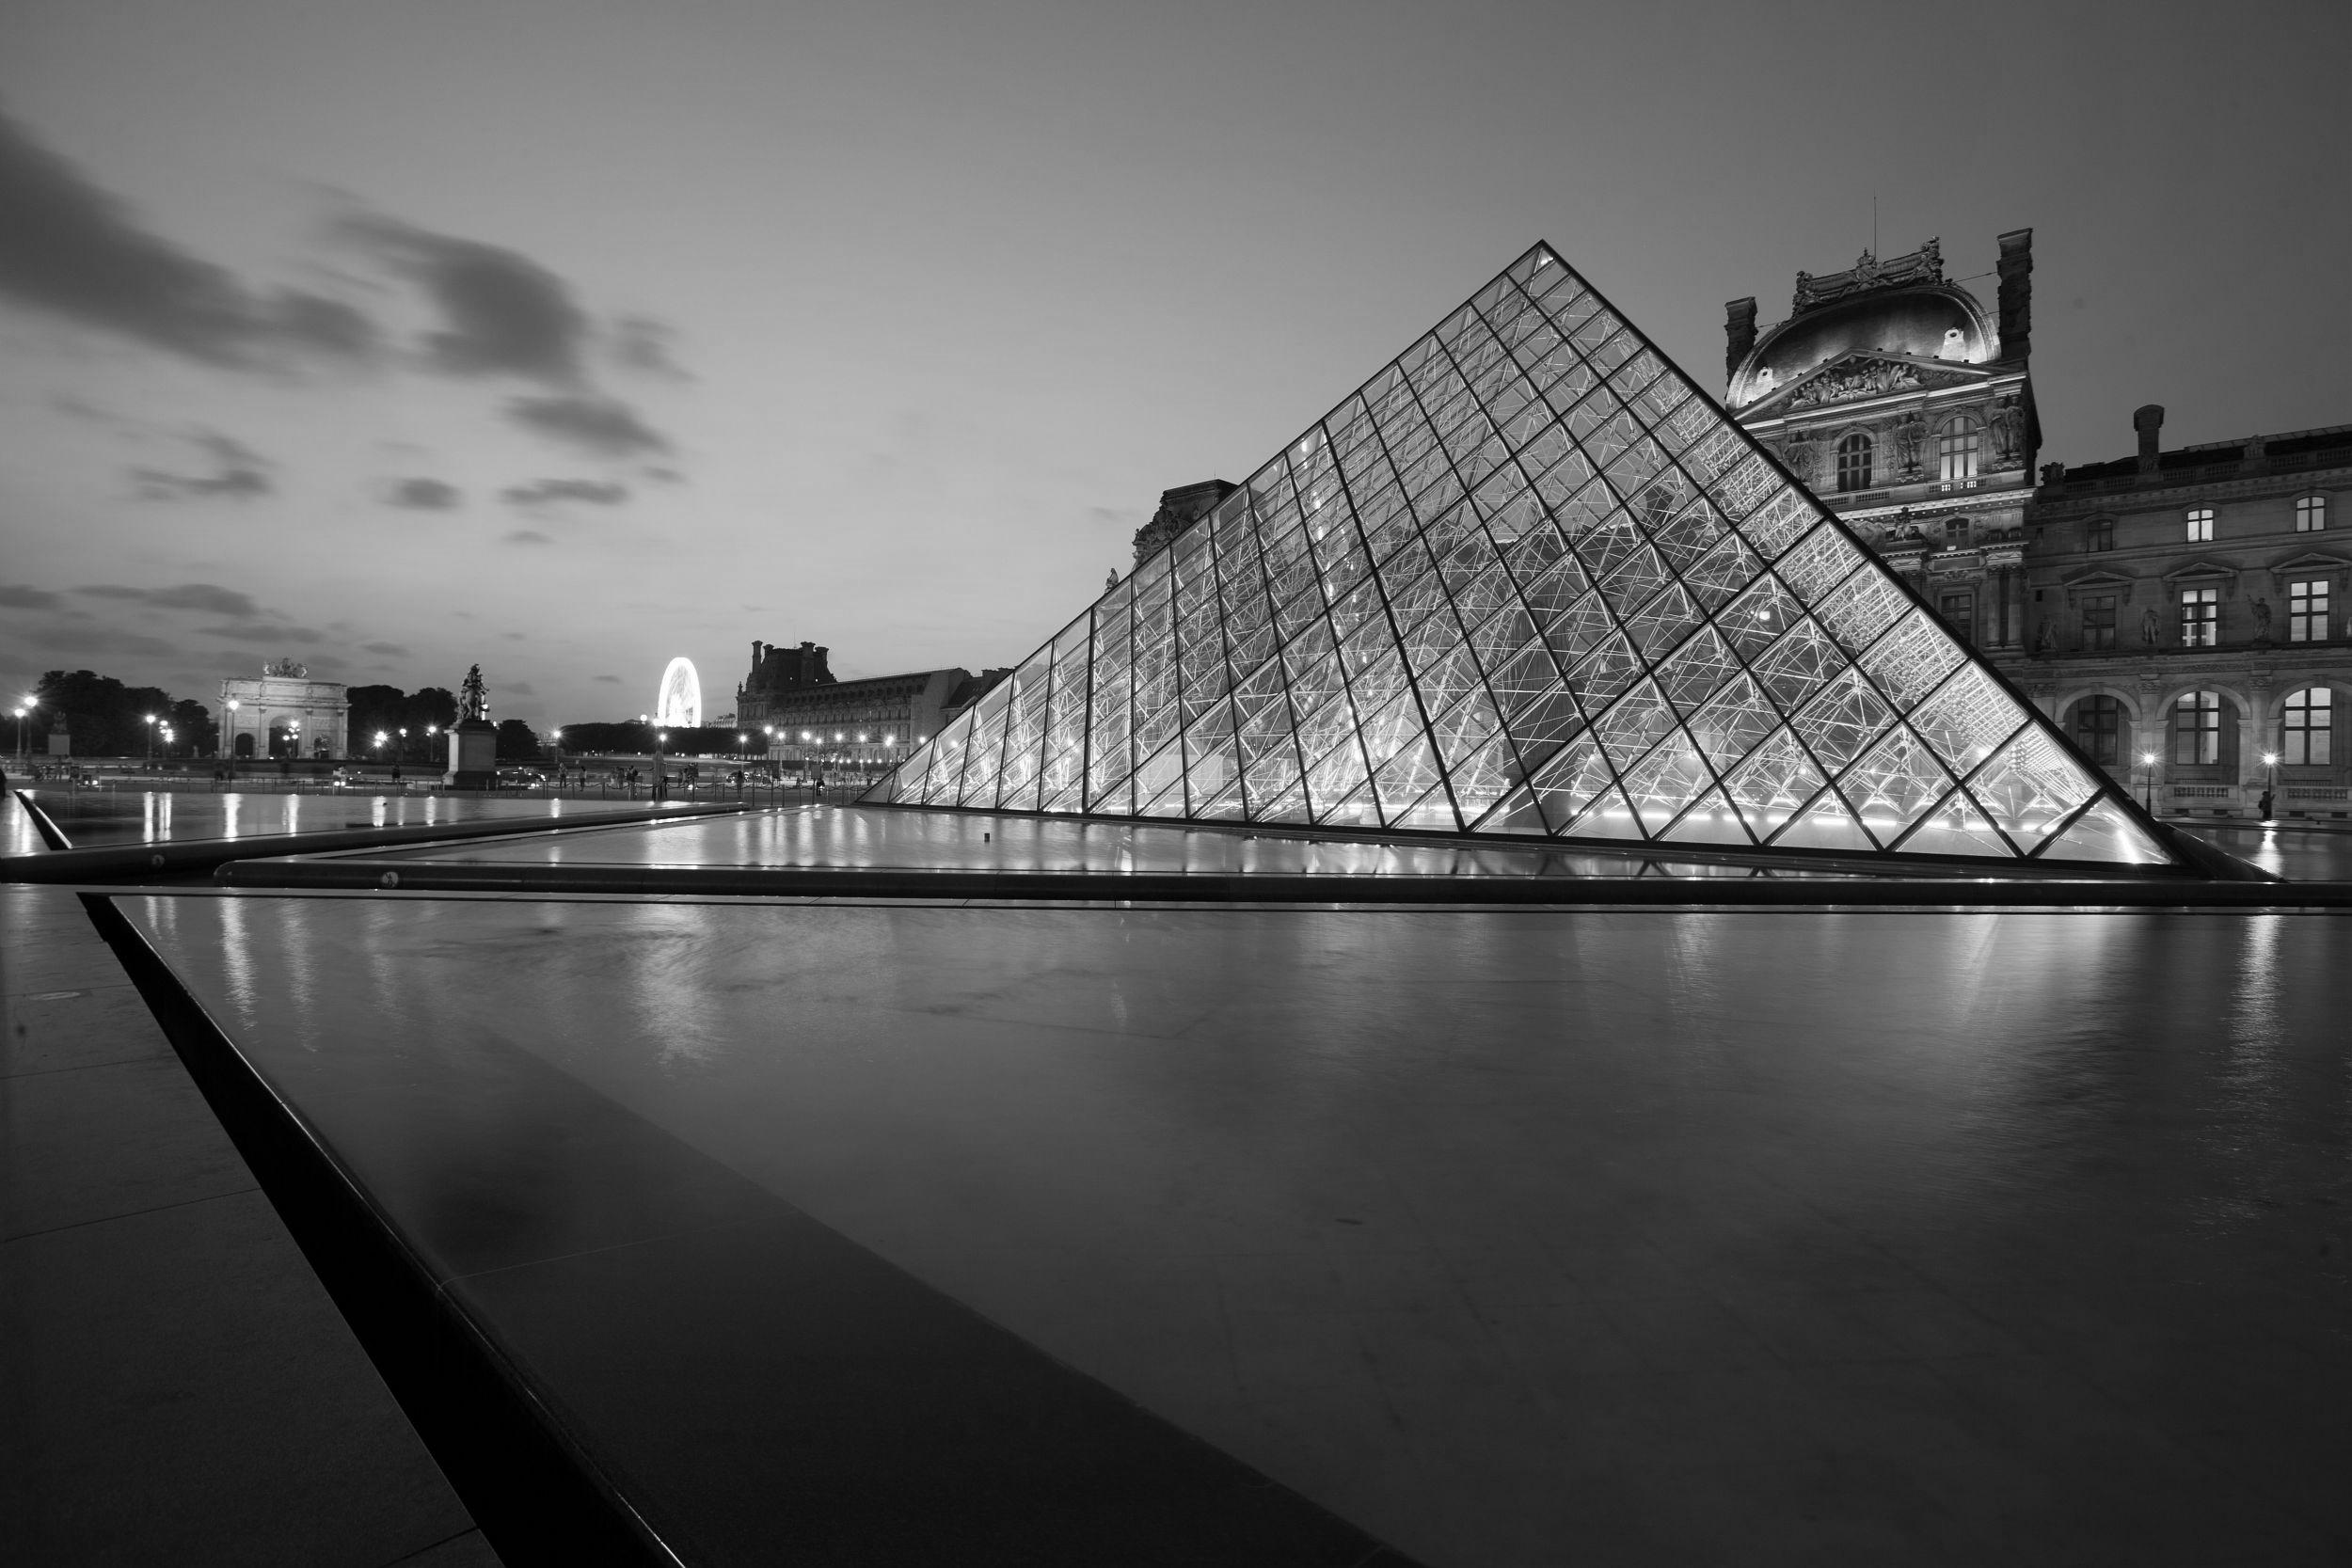 france, région ile de france, paris 1e arrondissement, musee du louvre, place de la pyramide, ieoh ming pei,